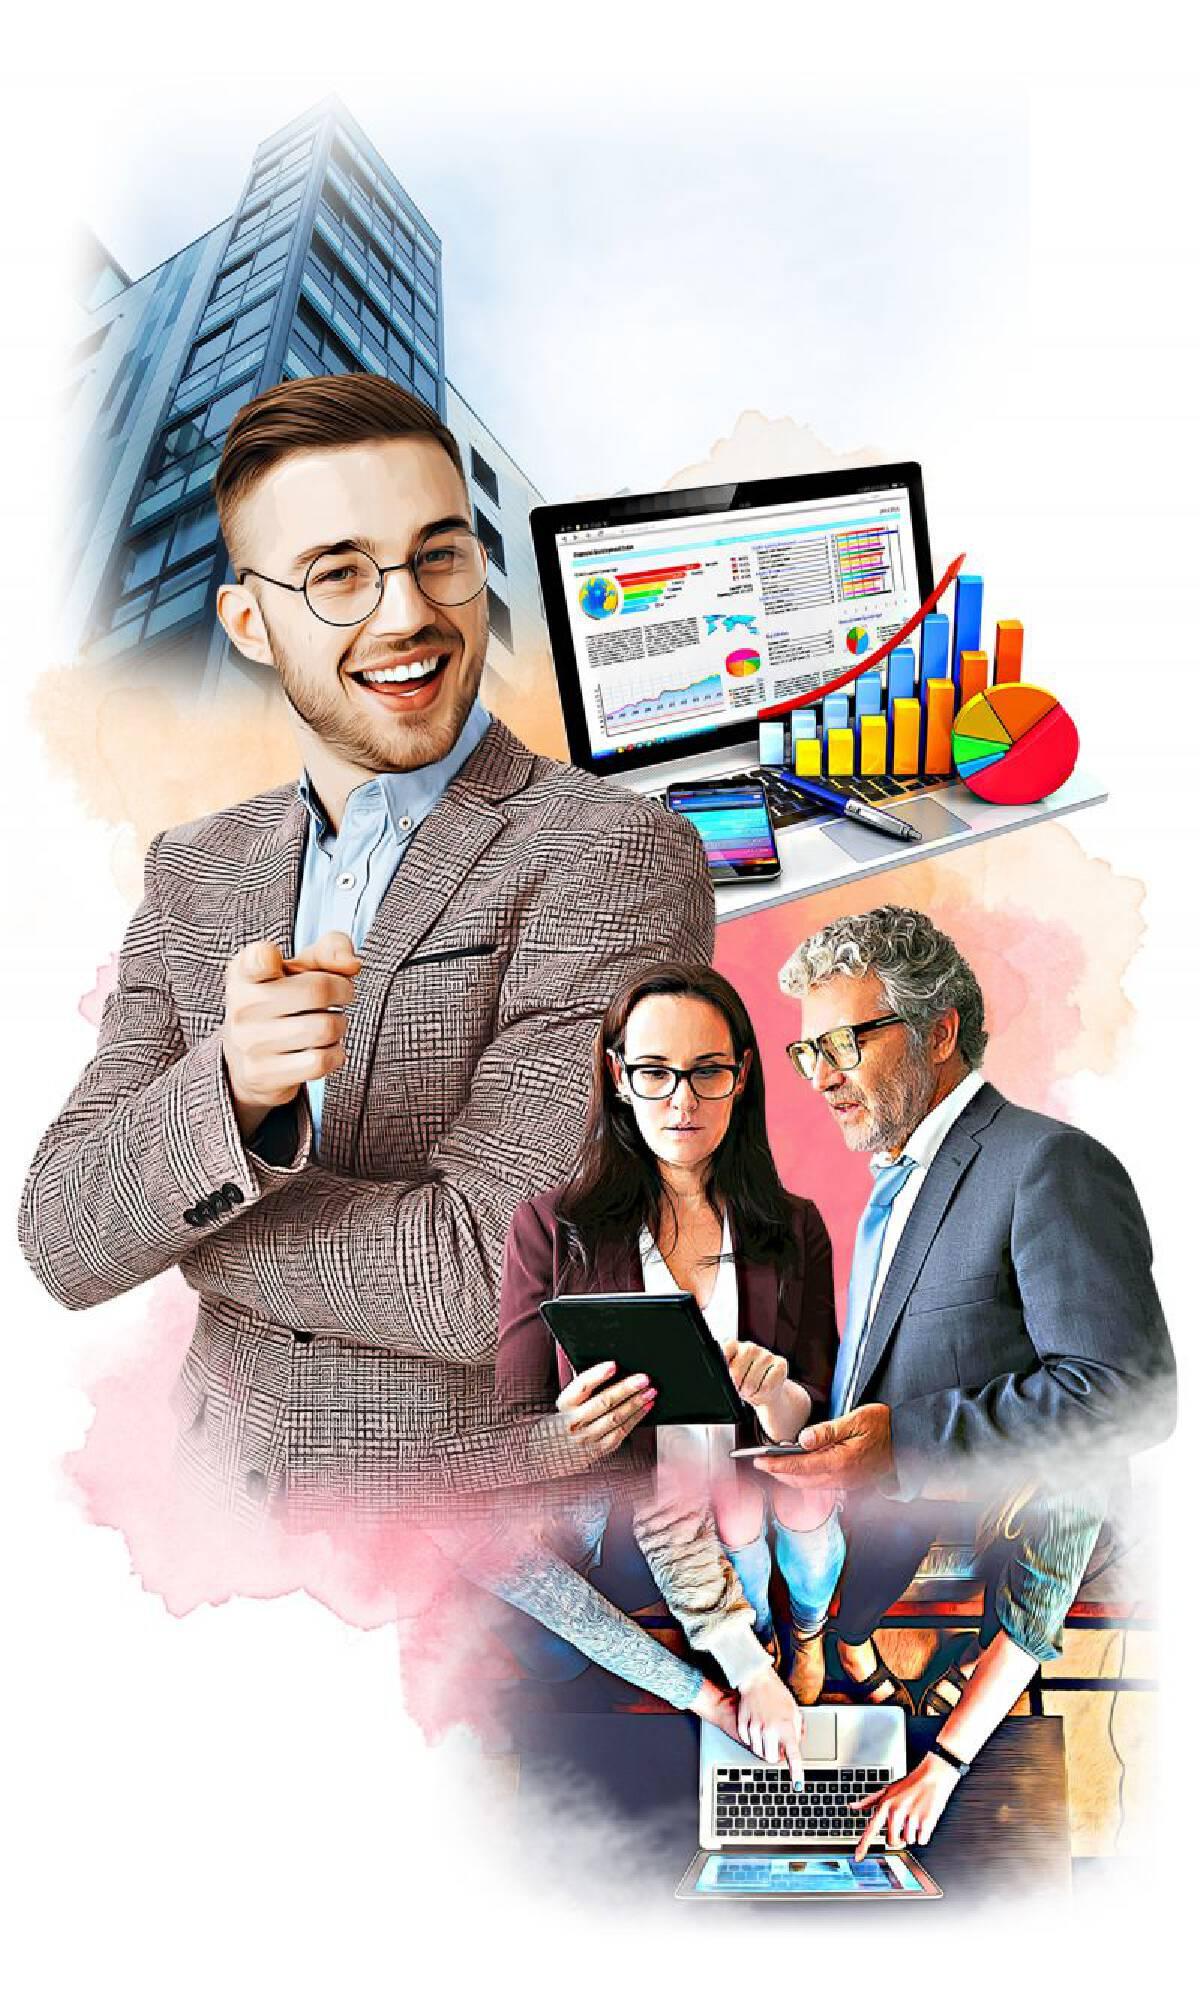 ควรจ้าง หรือ Outsource ทีมพัฒนาระบบของบริษัท?